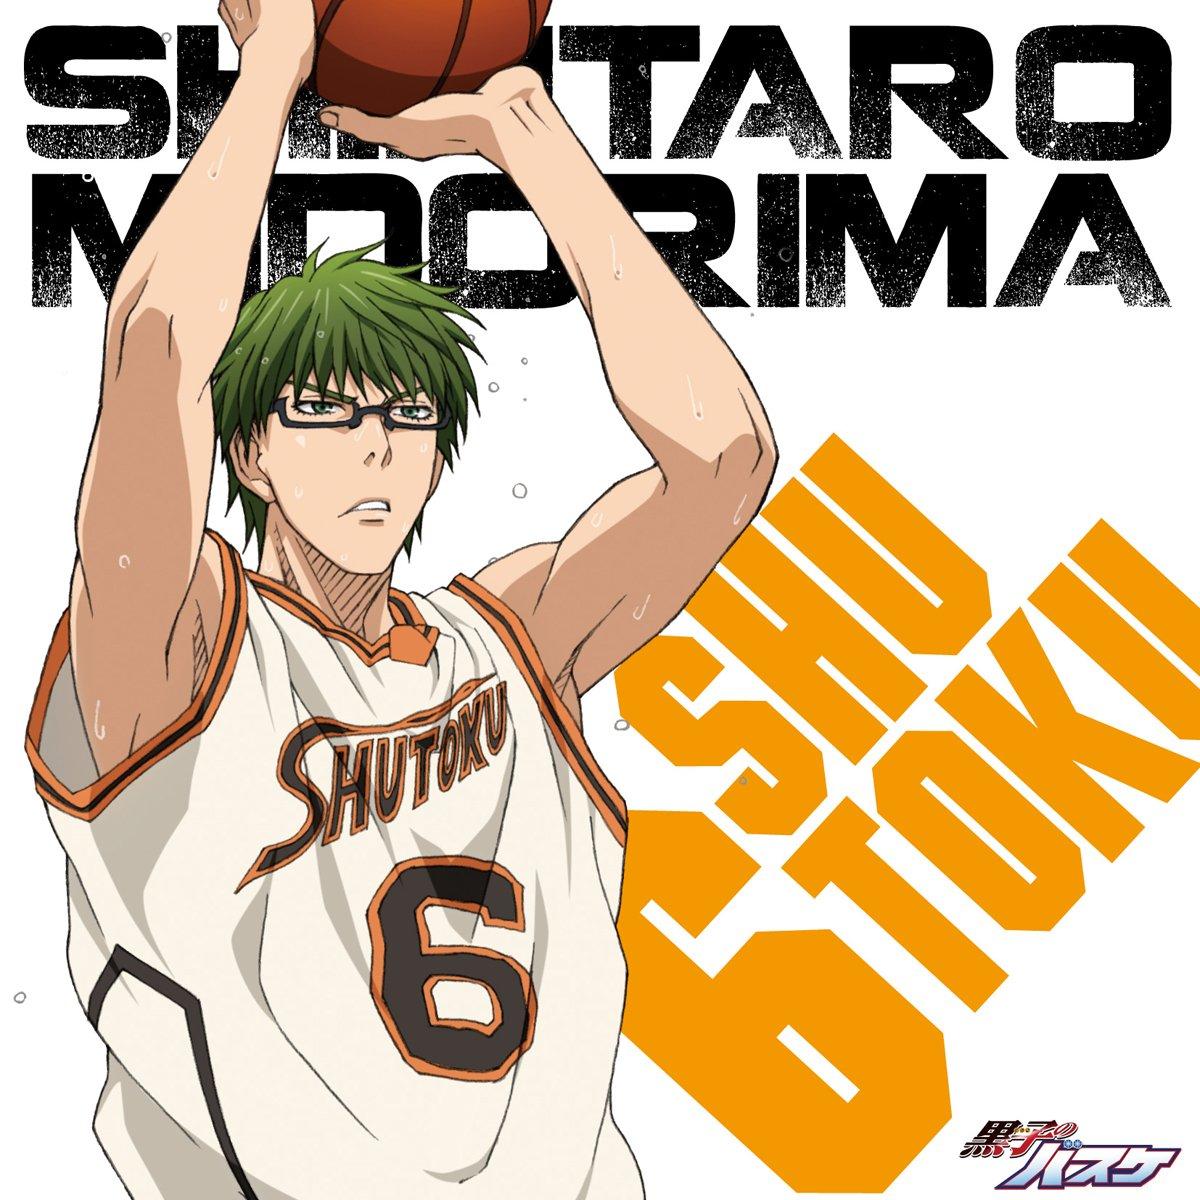 【黒子のバスケ】緑間真太郎と高尾和成の関係性とは?